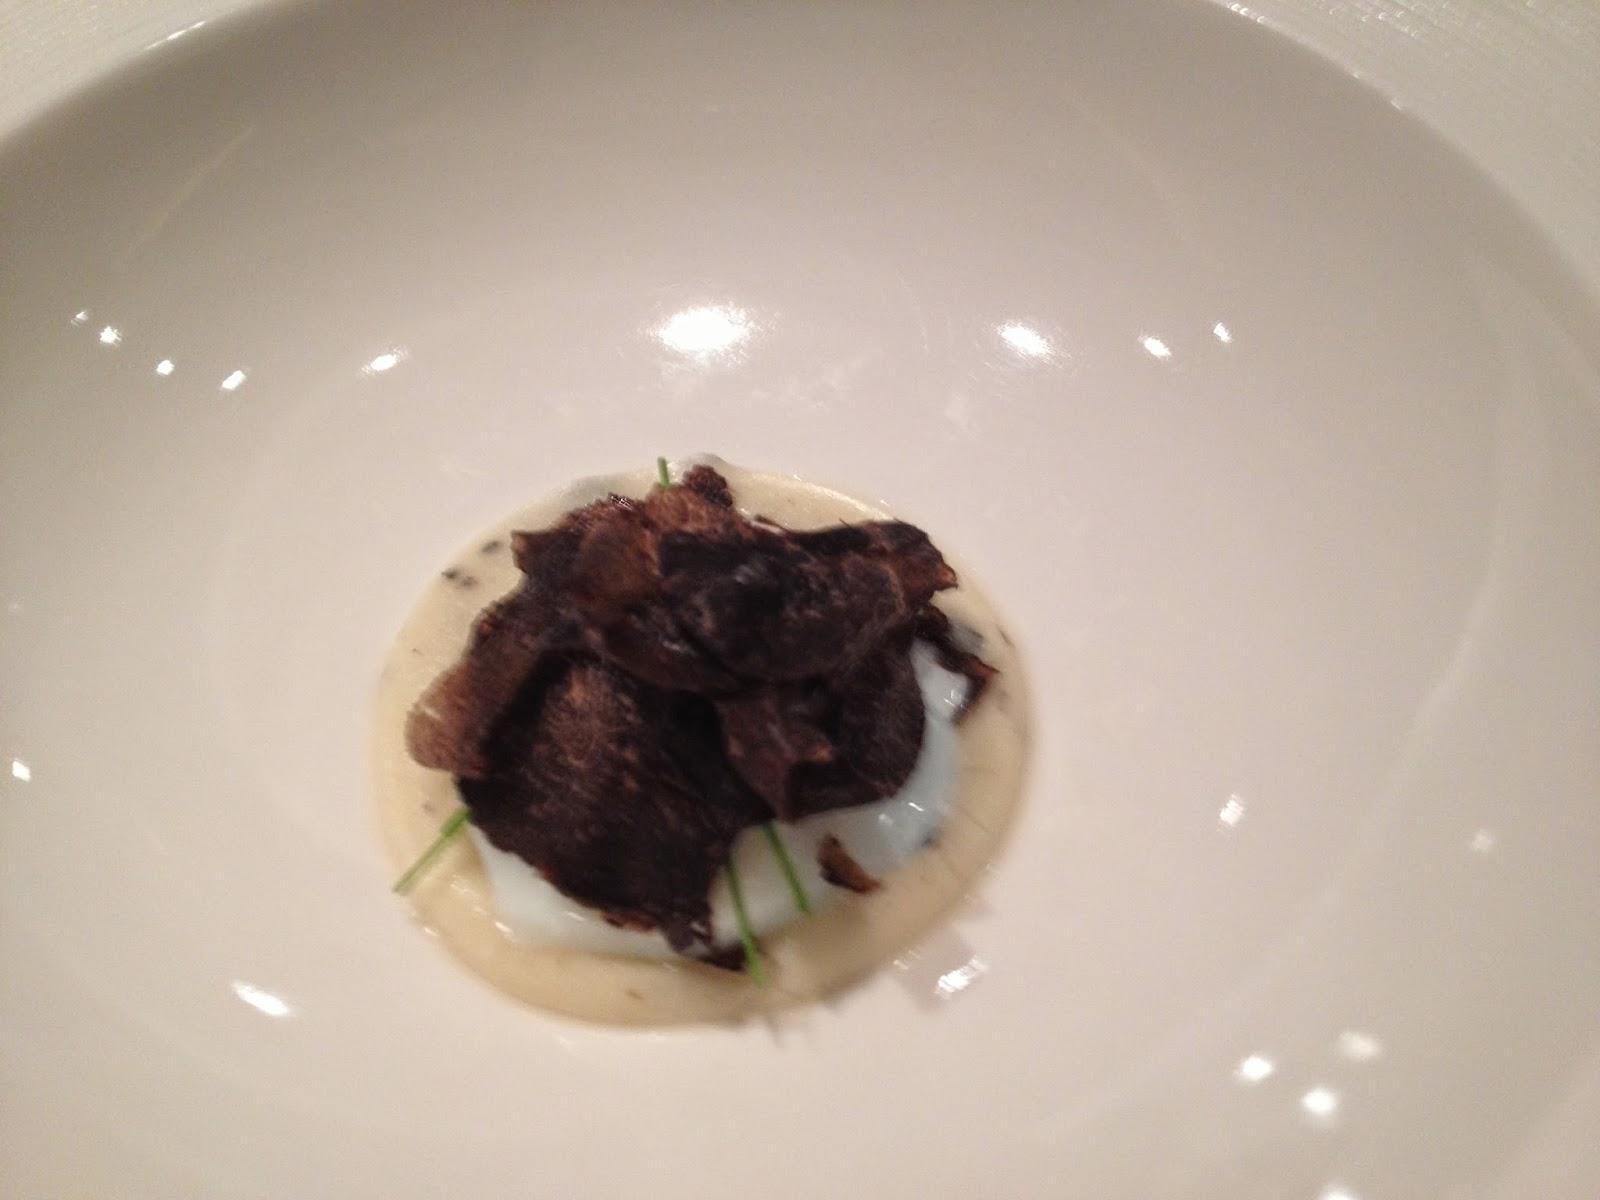 Puree of Potato with Soft Poached Egg, Black Truffle and Oscietra Caviar